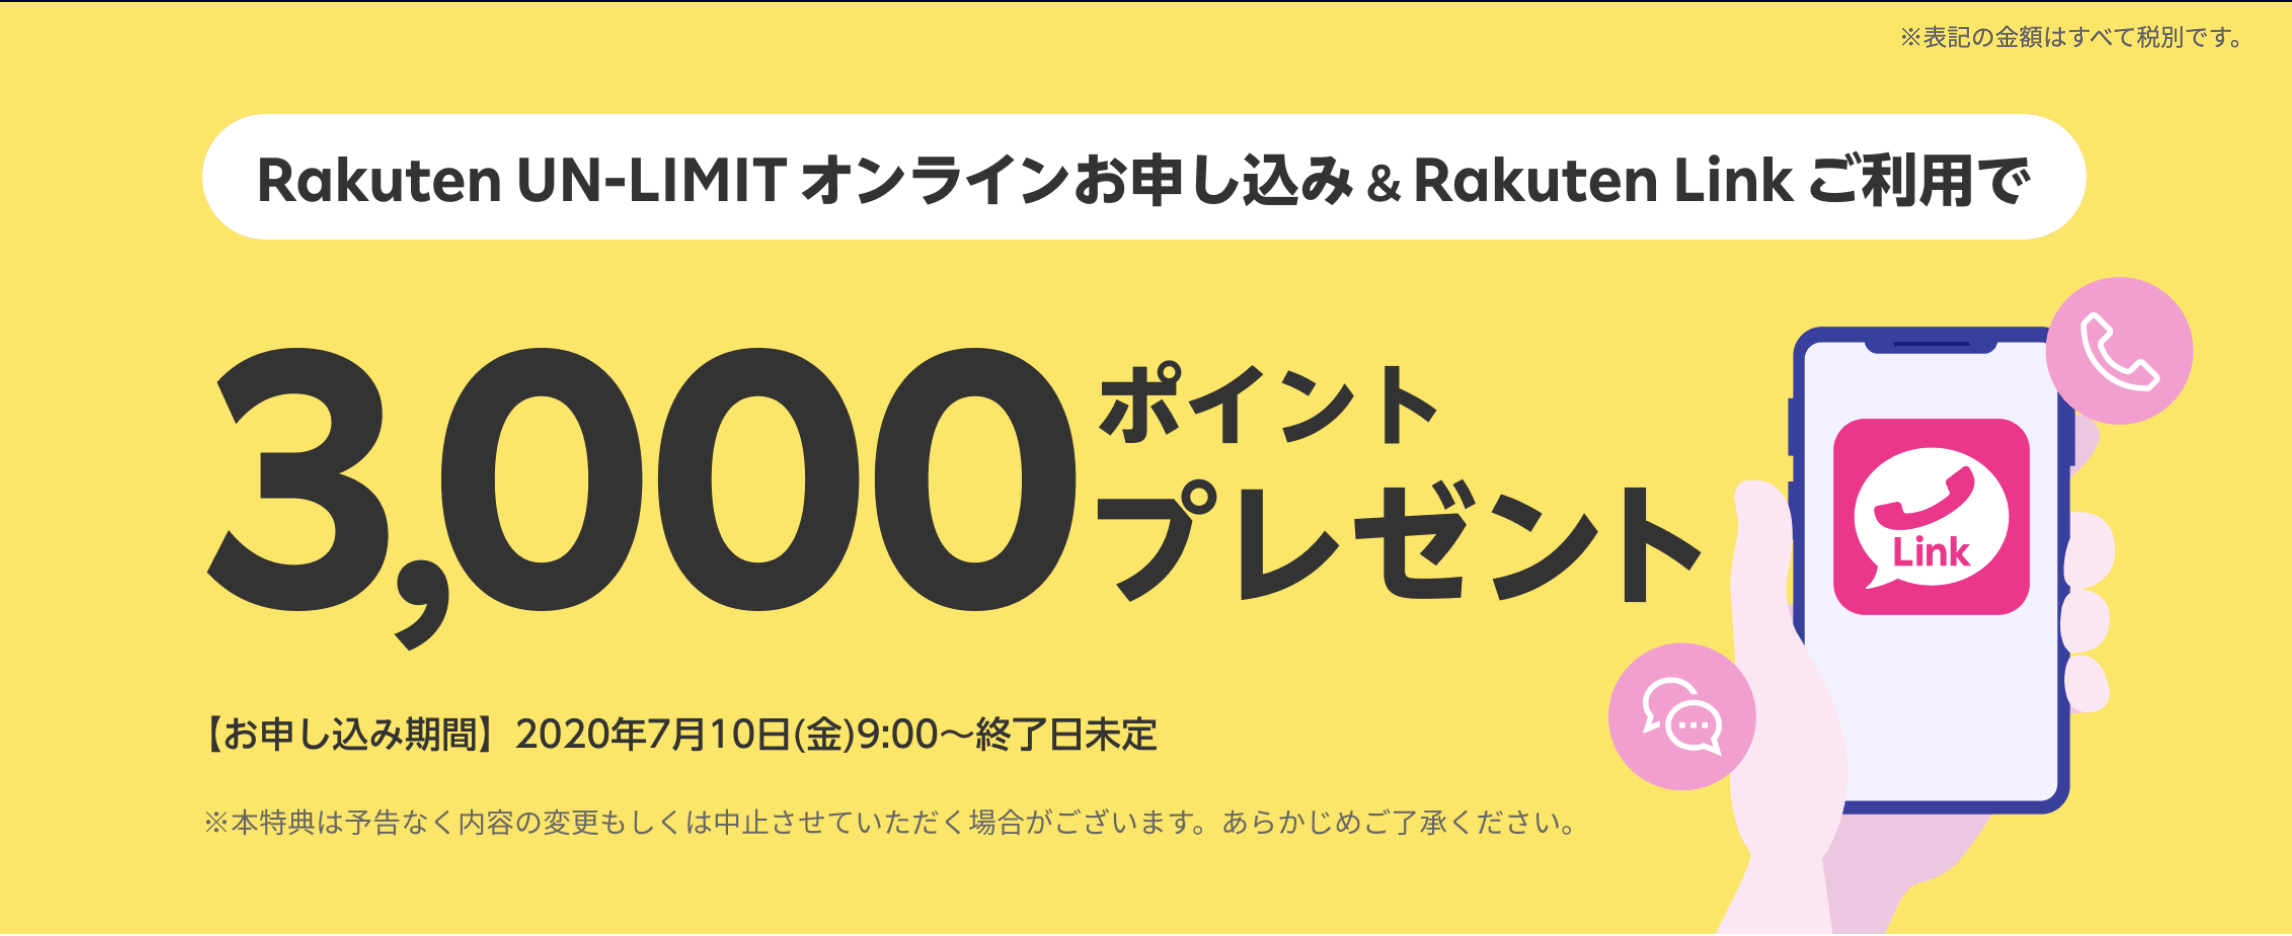 Rakuten UN-LIMIT オンライン申し込み